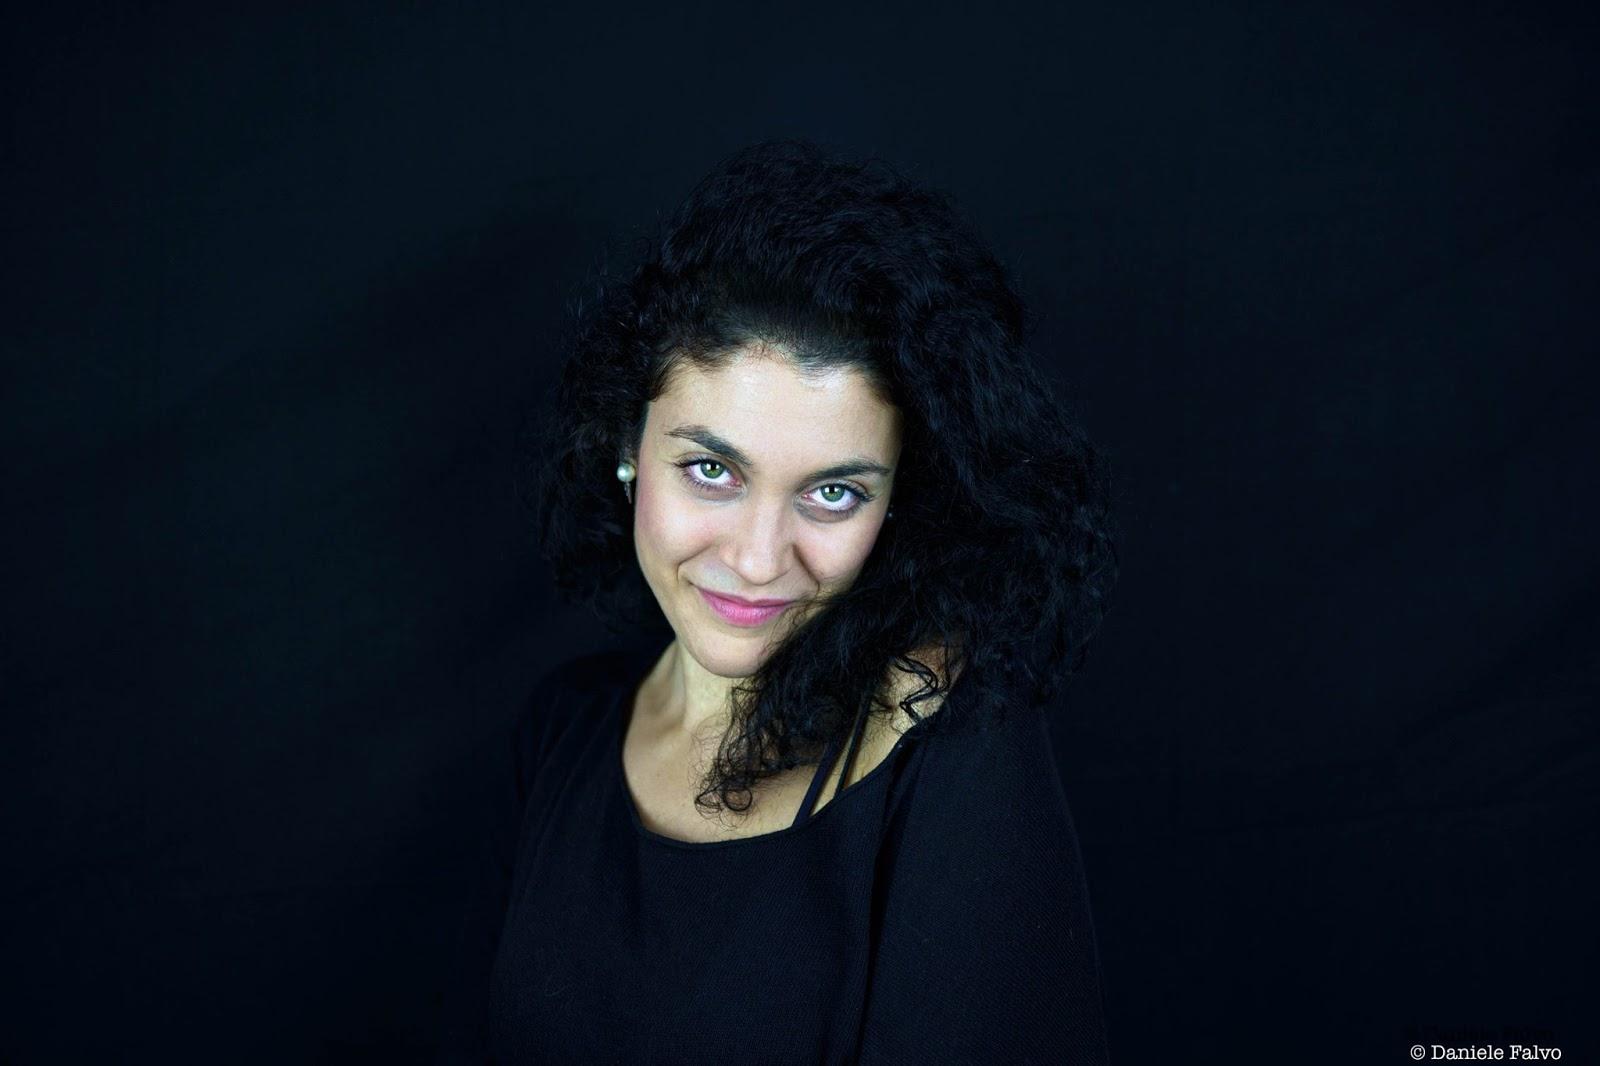 Beatrice Picariello